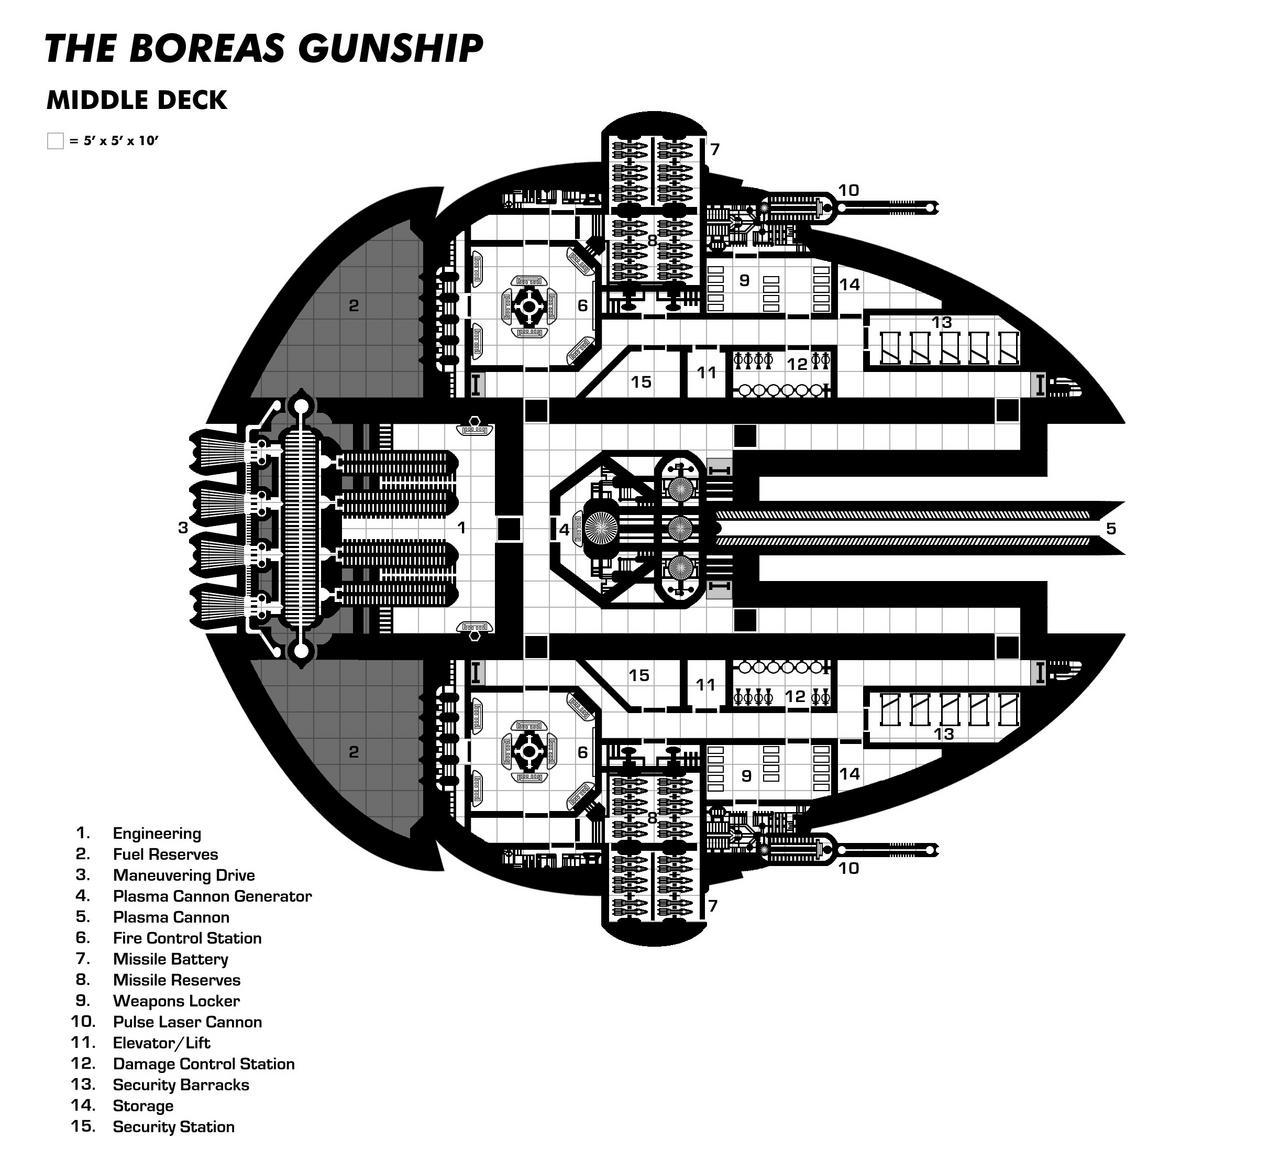 Boreas Middle Deck (Gun Ship)